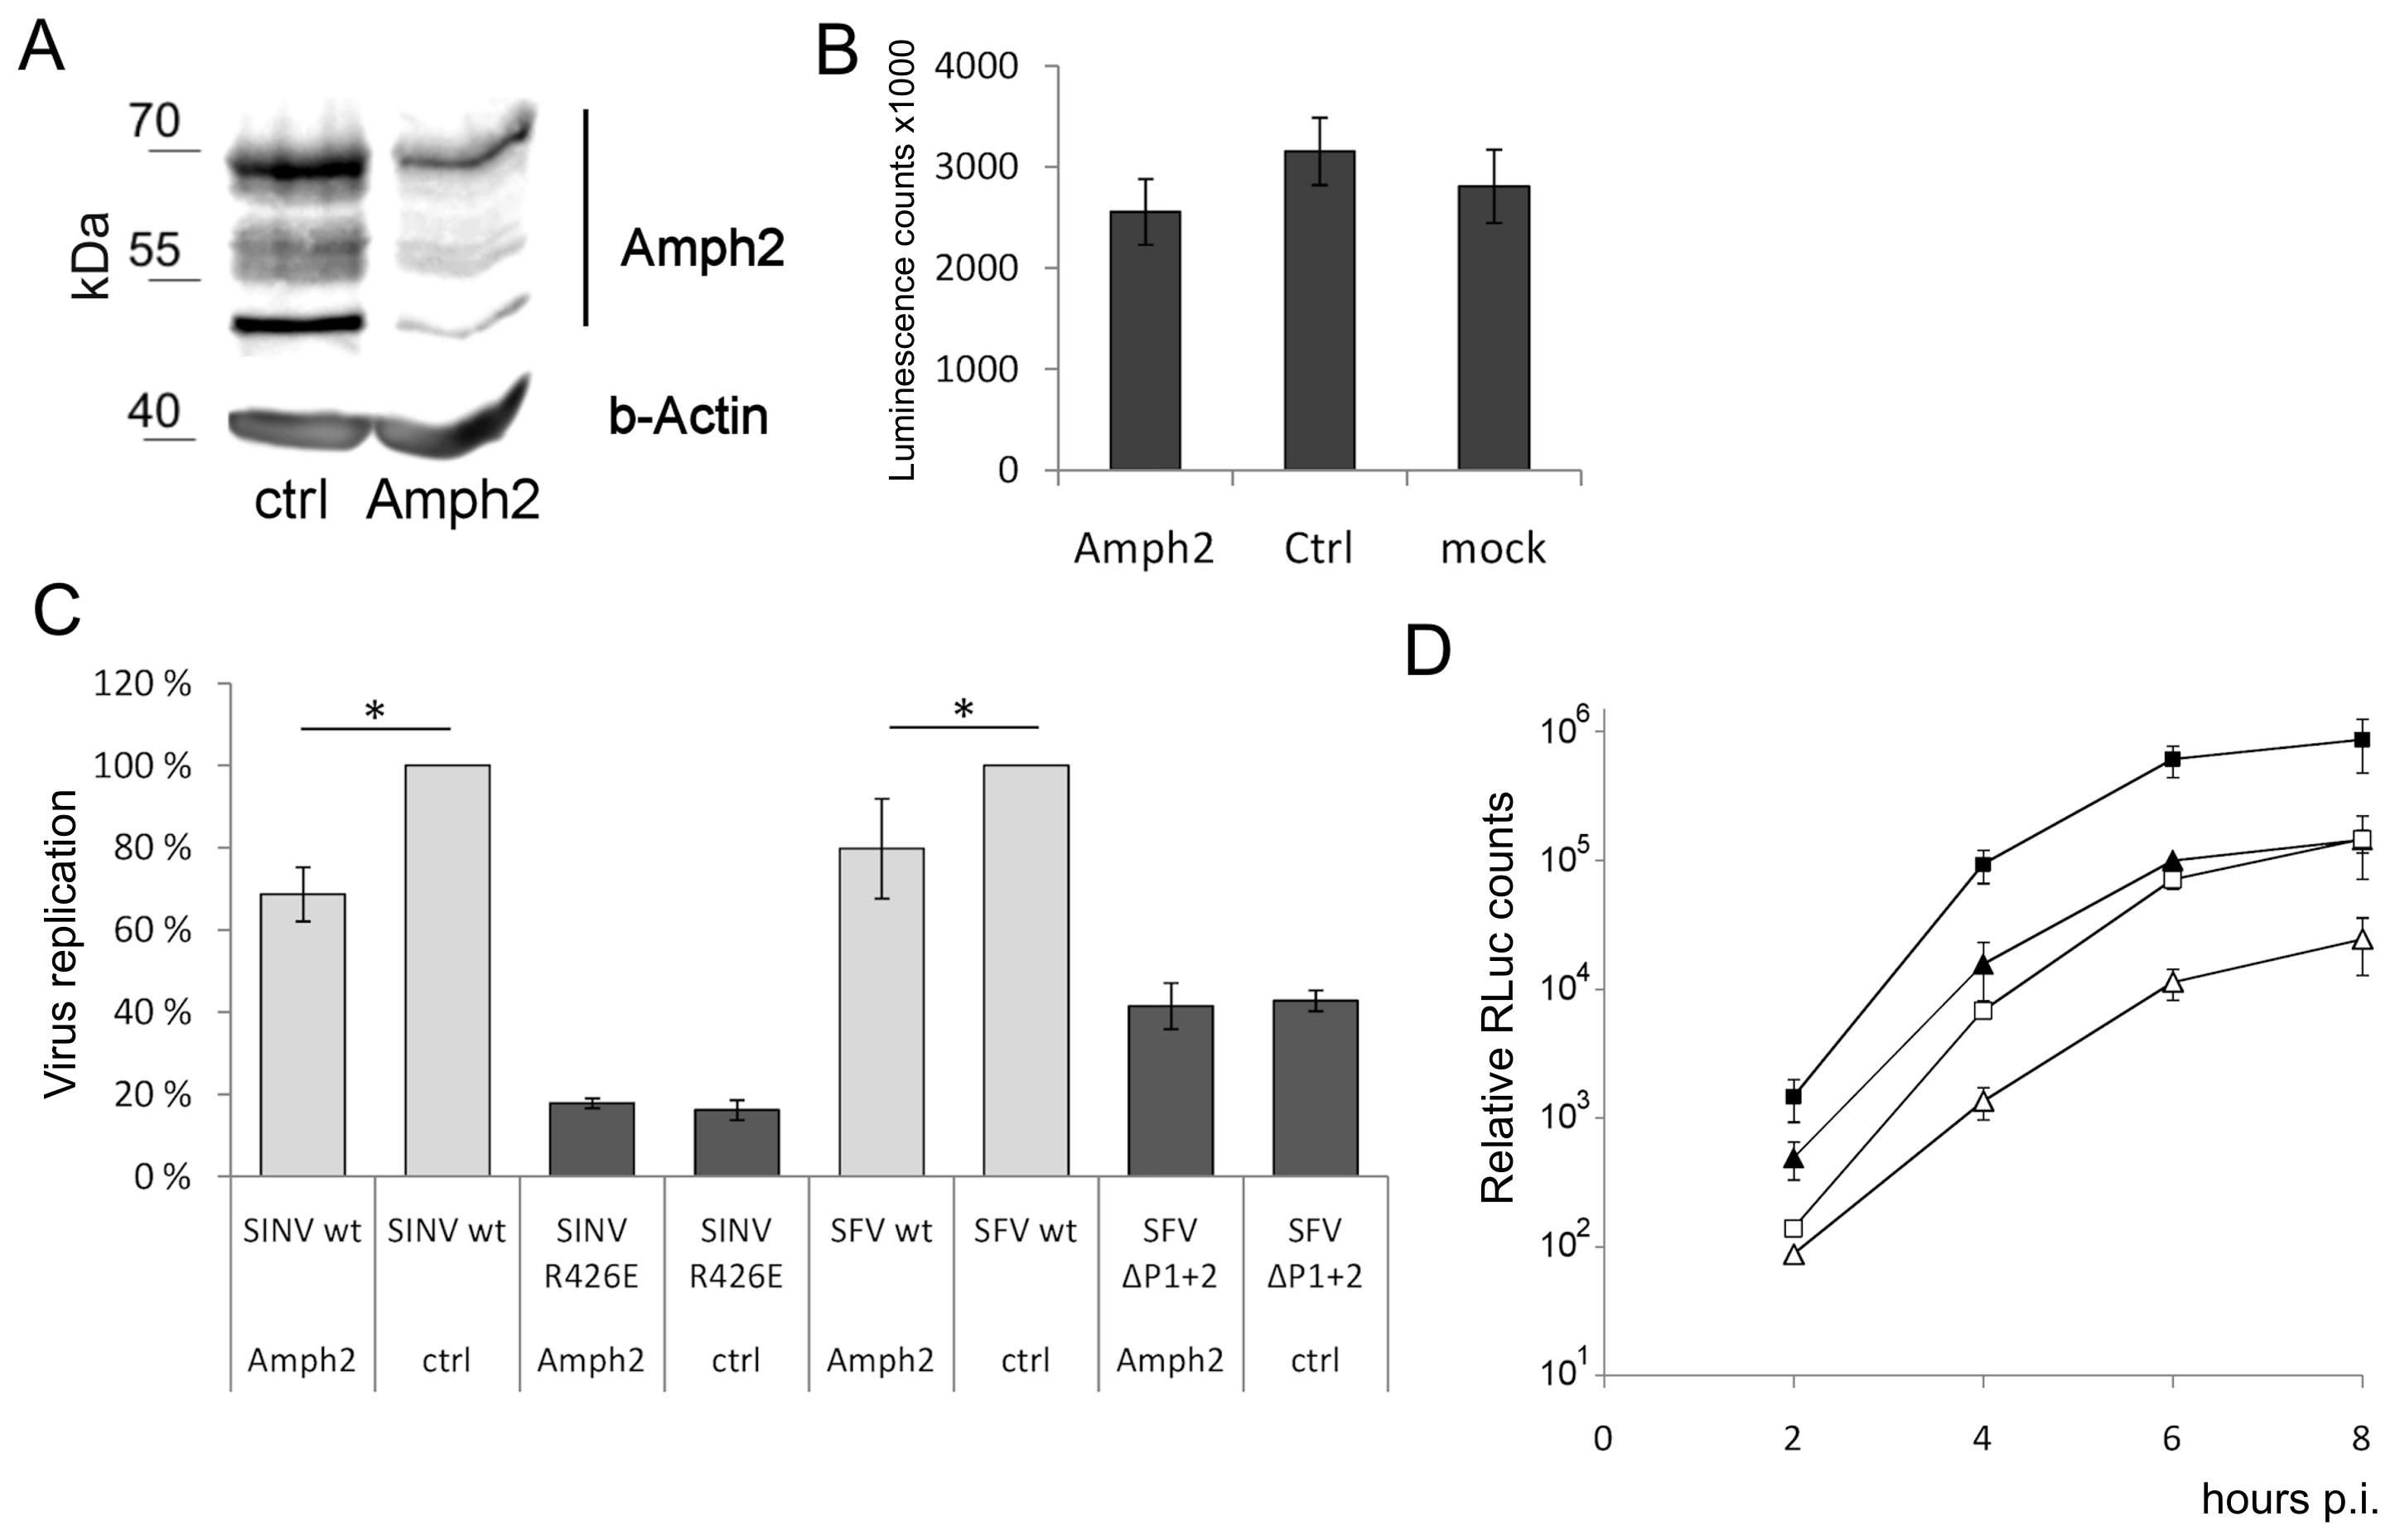 Amphiphysin silencing impairs viral RNA replication.